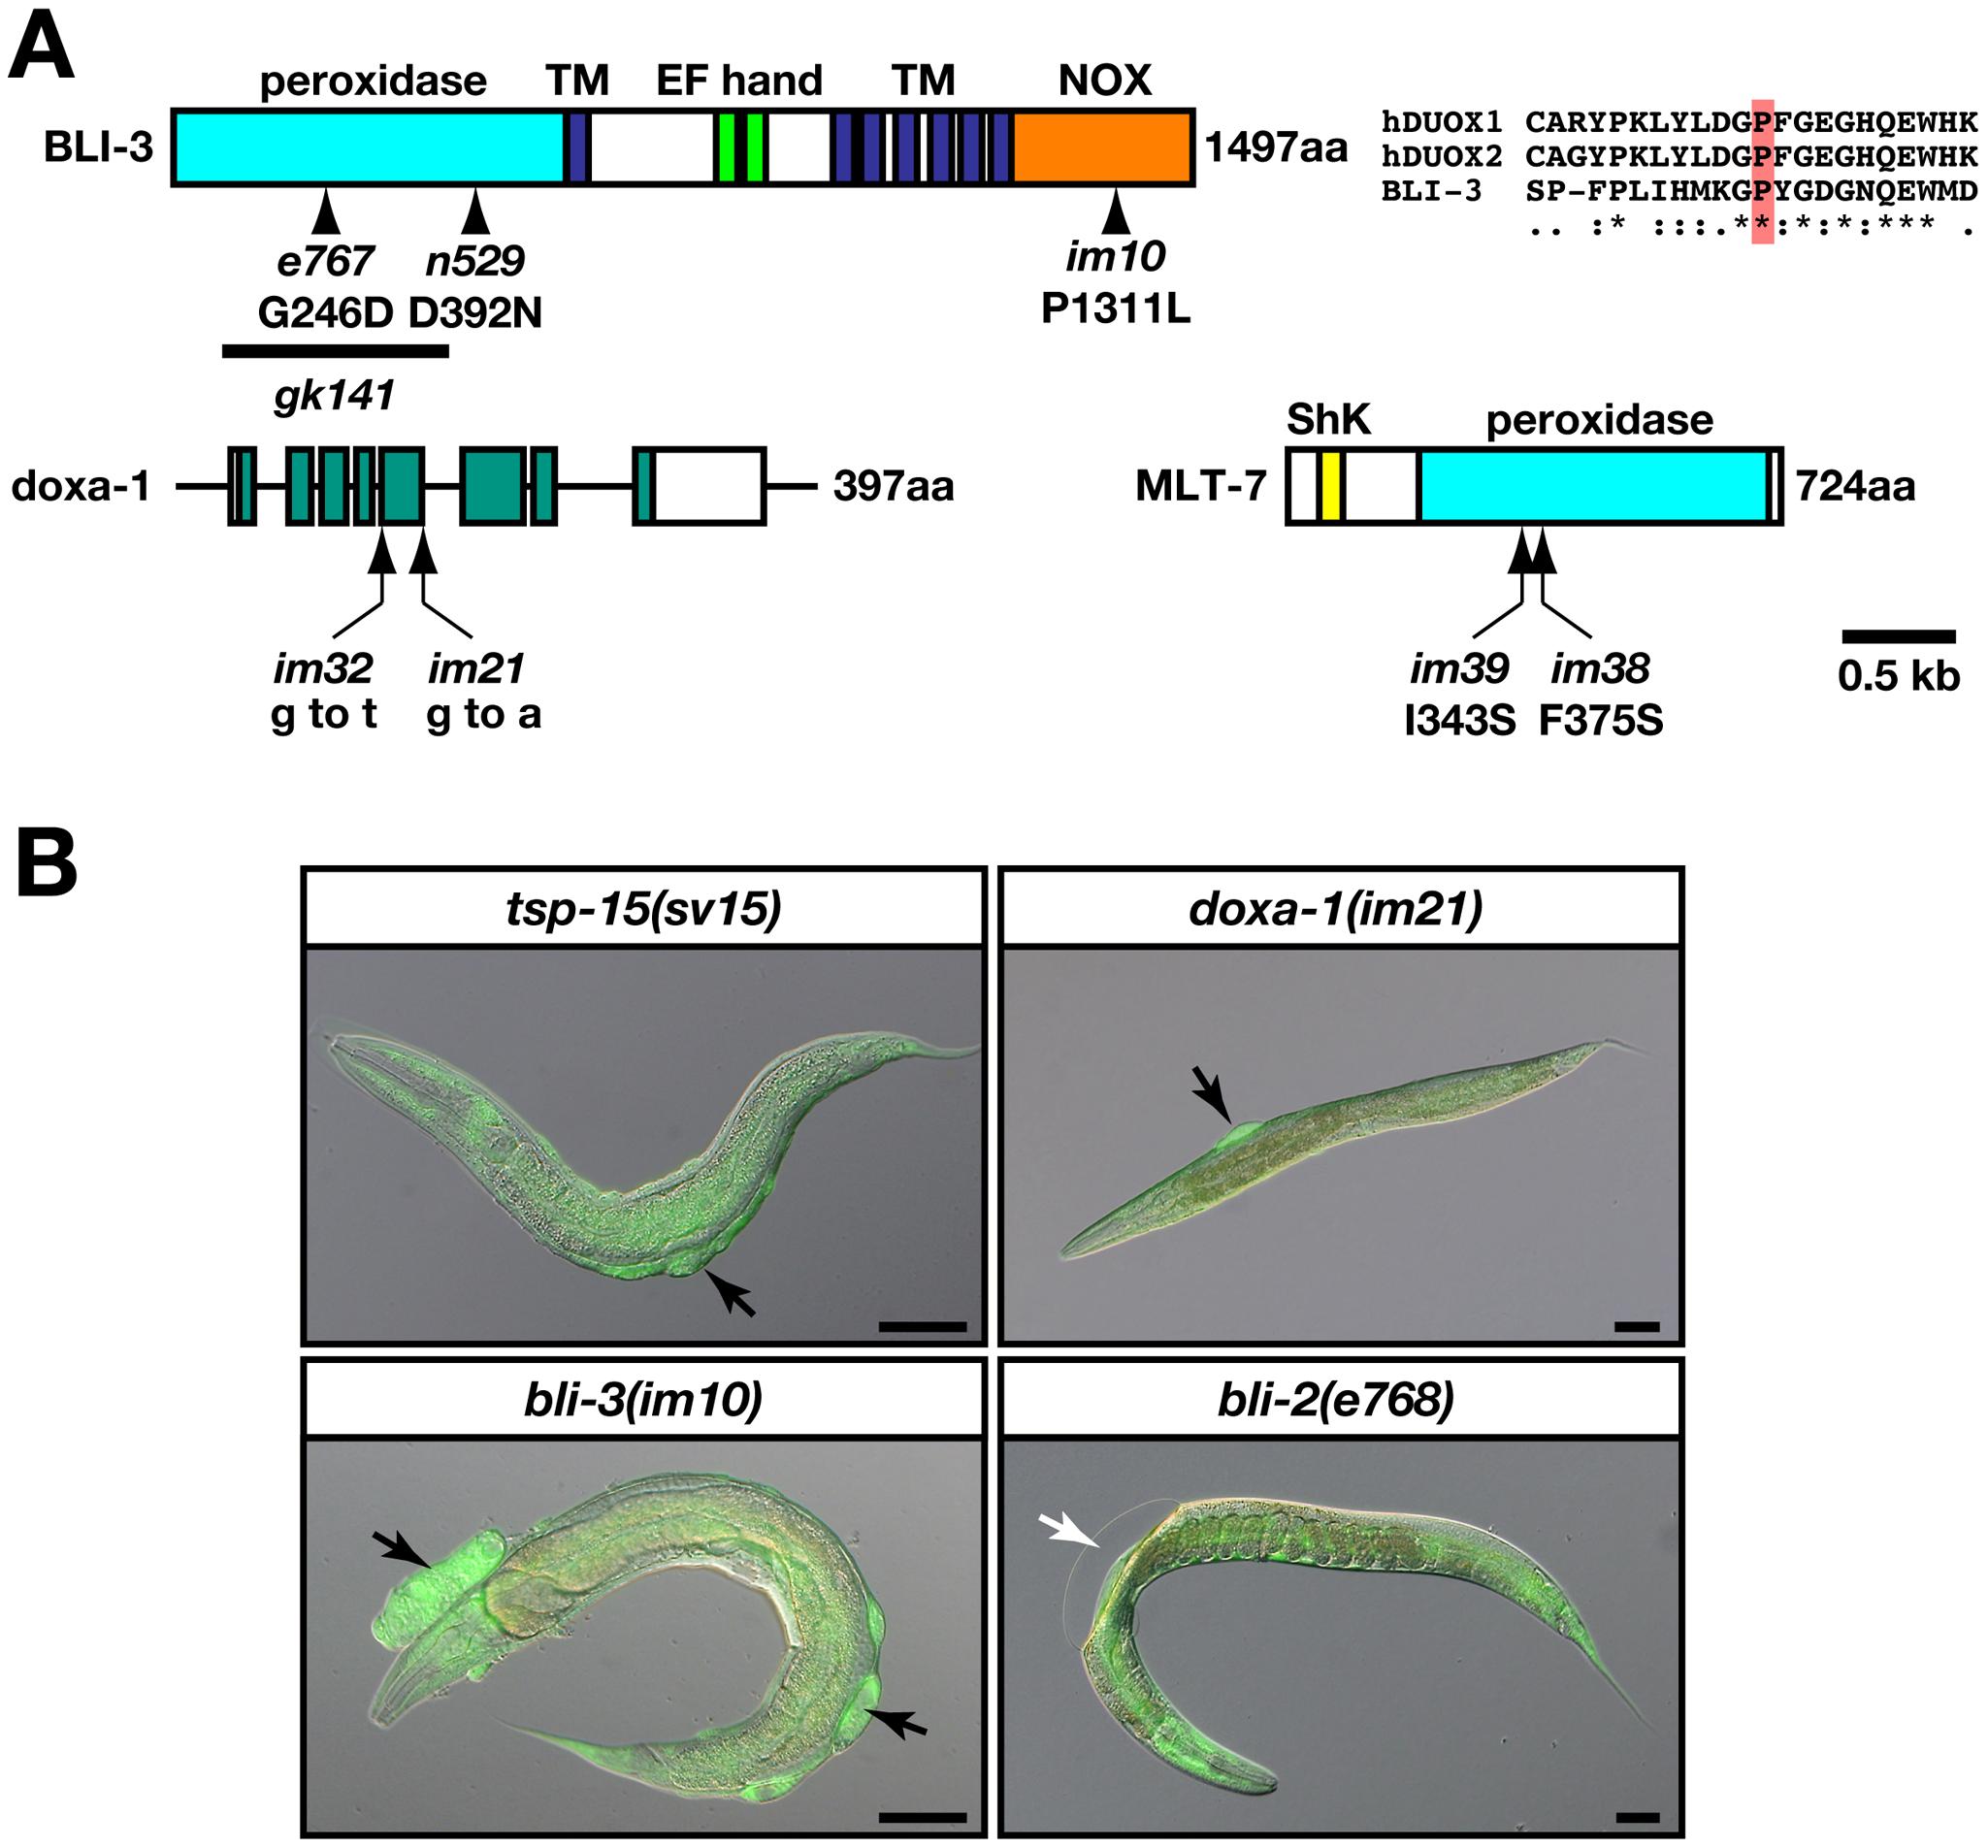 <i>bli-3</i> and <i>doxa-1</i> mutants are similar to the <i>tsp-15</i> mutant.